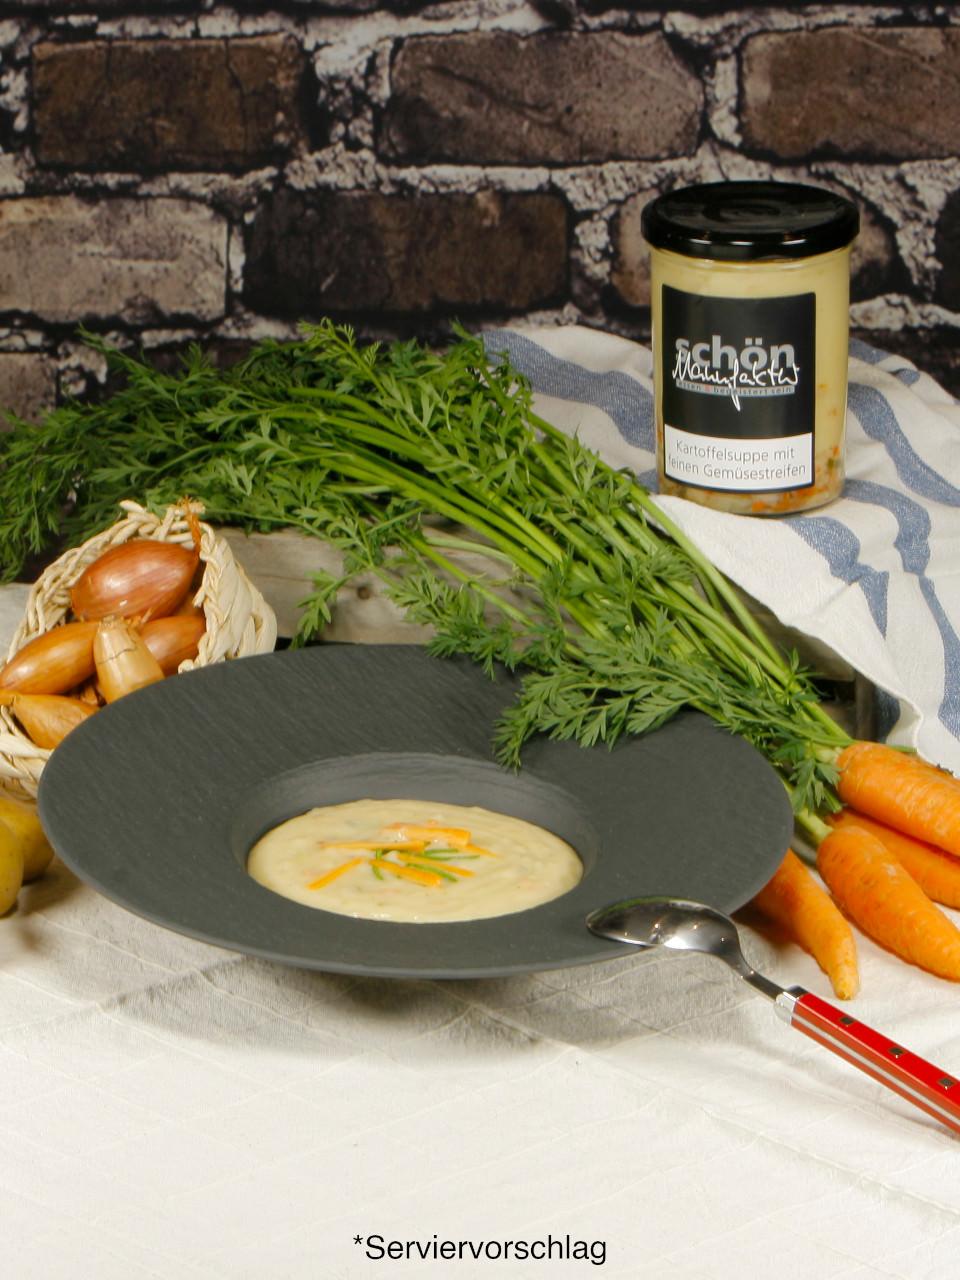 Kartoffelsuppe mit feinen Gemüsestreifen